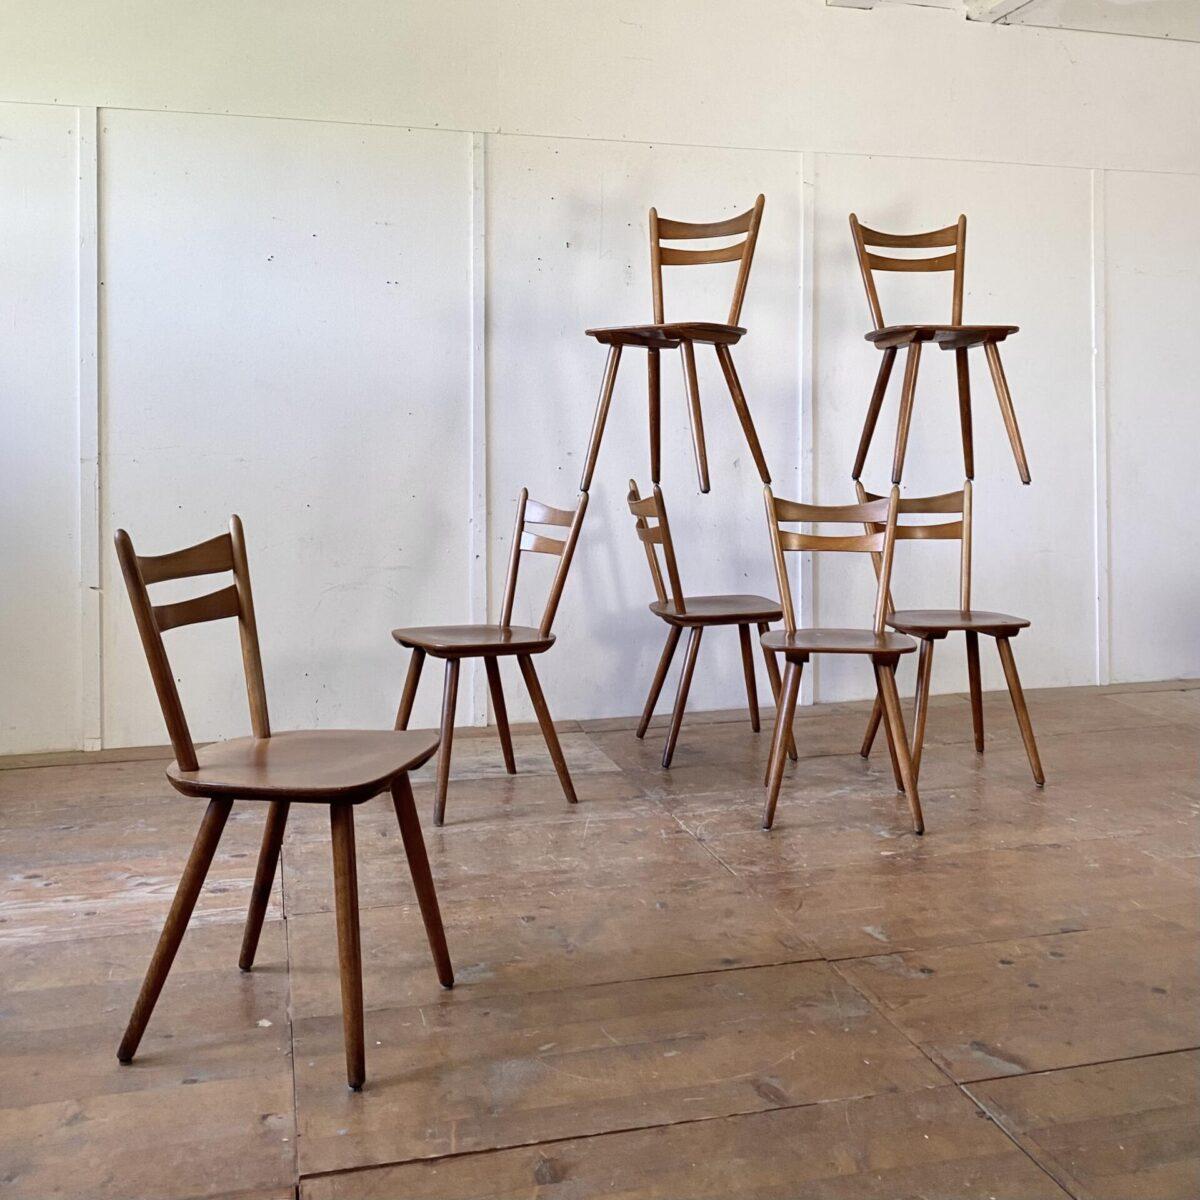 Deuxieme.shop 60er Jahre Stühle. 16 Stabellen Stühle aus Buchenholz. Mit gedrechselten konischen Rundholz Stäben. Preis pro Stuhl. Die Stühle sind in stabilem Zustand. Diverse kleinere Schrammen und Gebrauchsspuren. Ein Hersteller ist nicht ersichtlich.